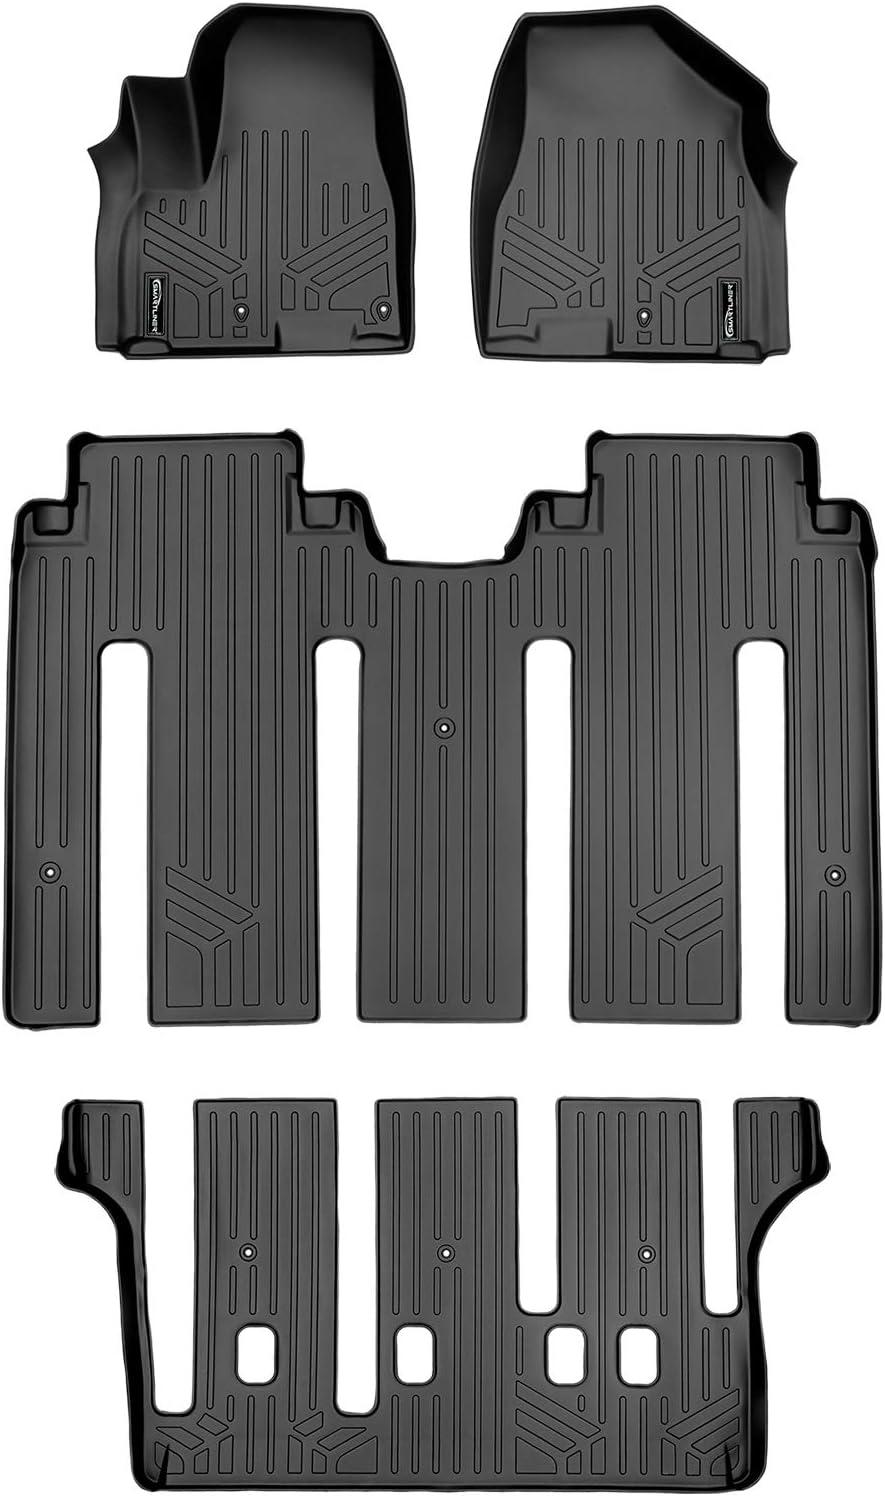 SMARTLINER Custom Fit Floor Mats 3 Row Liner Set Black for 2015-2021 Kia Sedona 7 Passenger Model Only